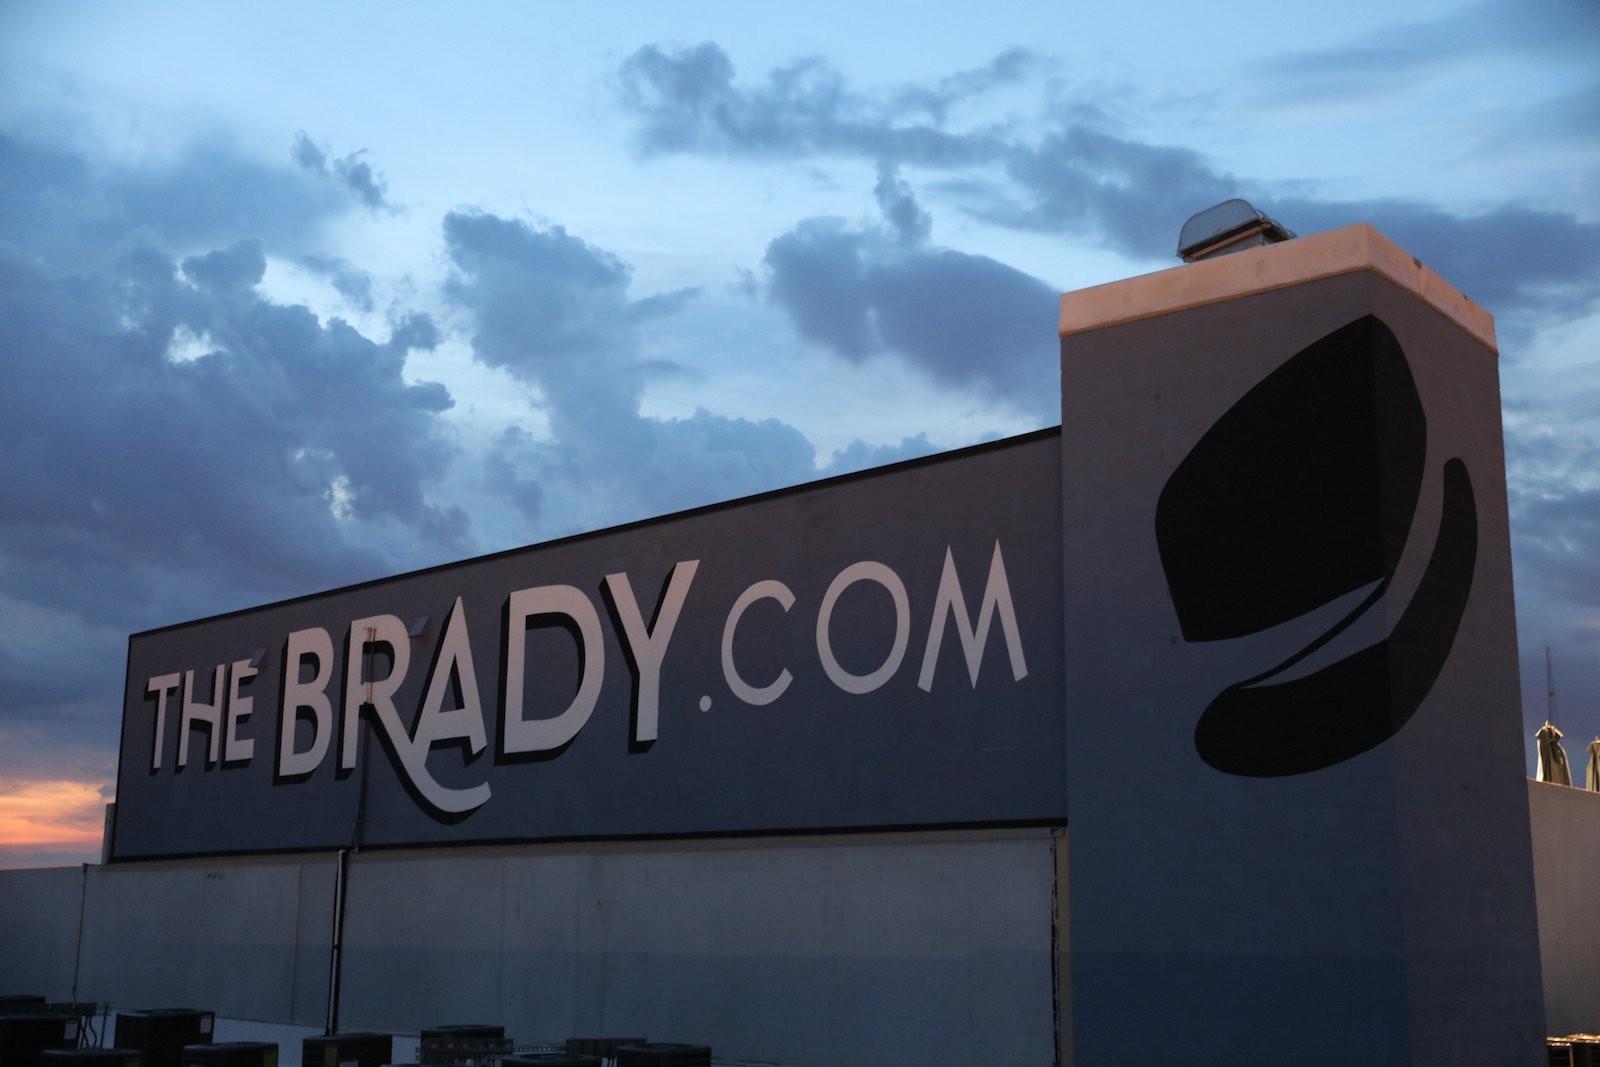 The Brady